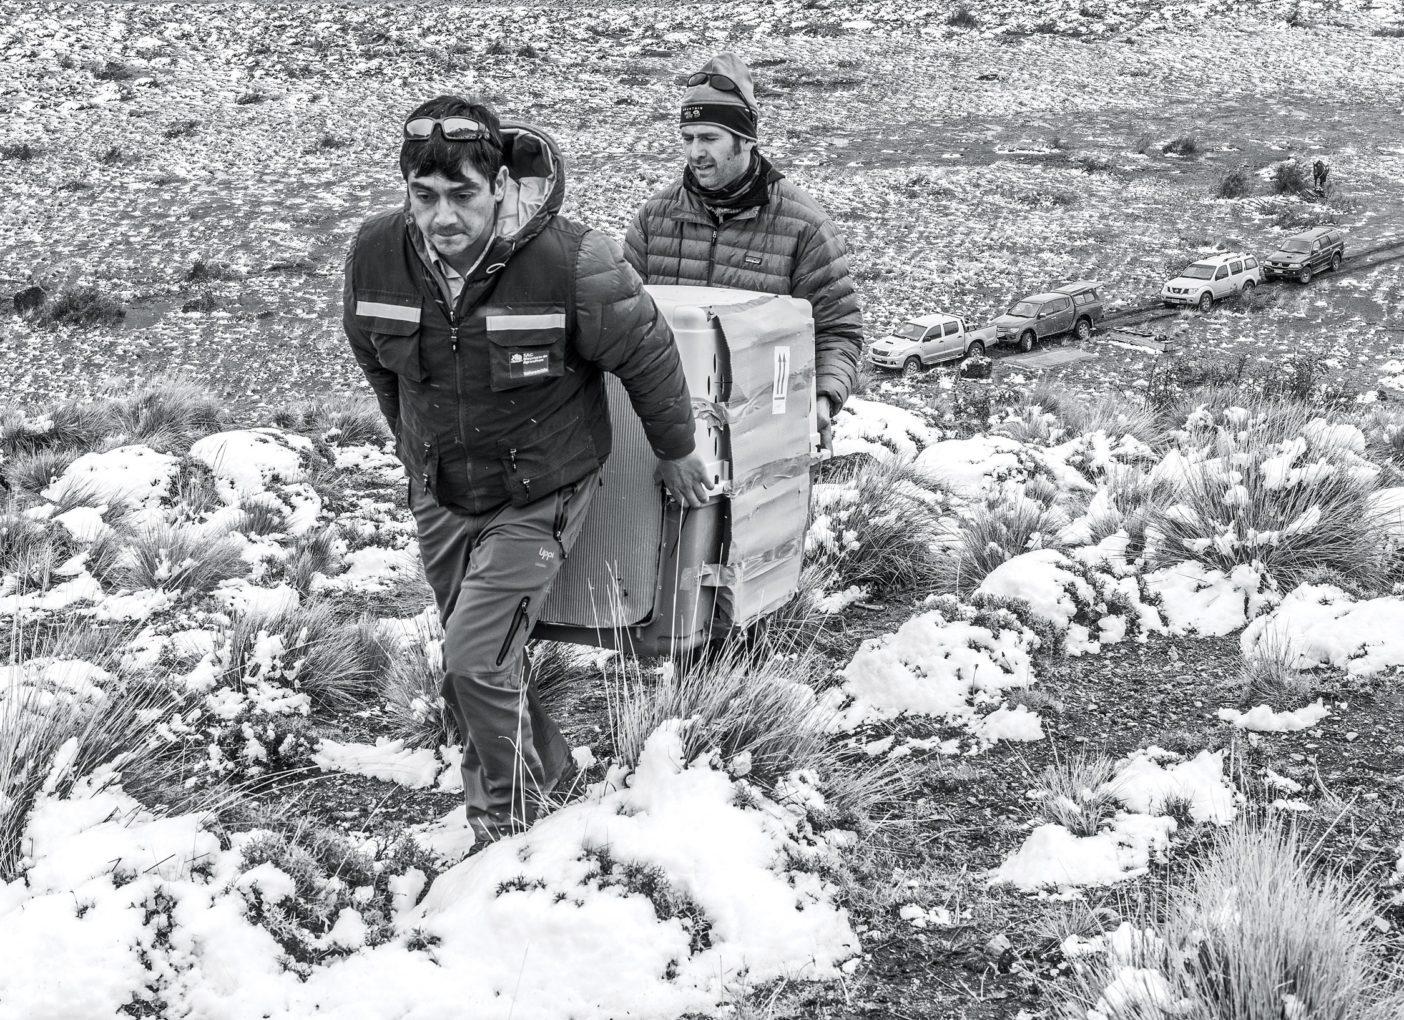 チリの農務省の職員(手前)と野生生物学者のクリスチャン・サウシードが、リリースする前の囲いに入れられている鳥を運ぶ。LINDE WAIDHOFER